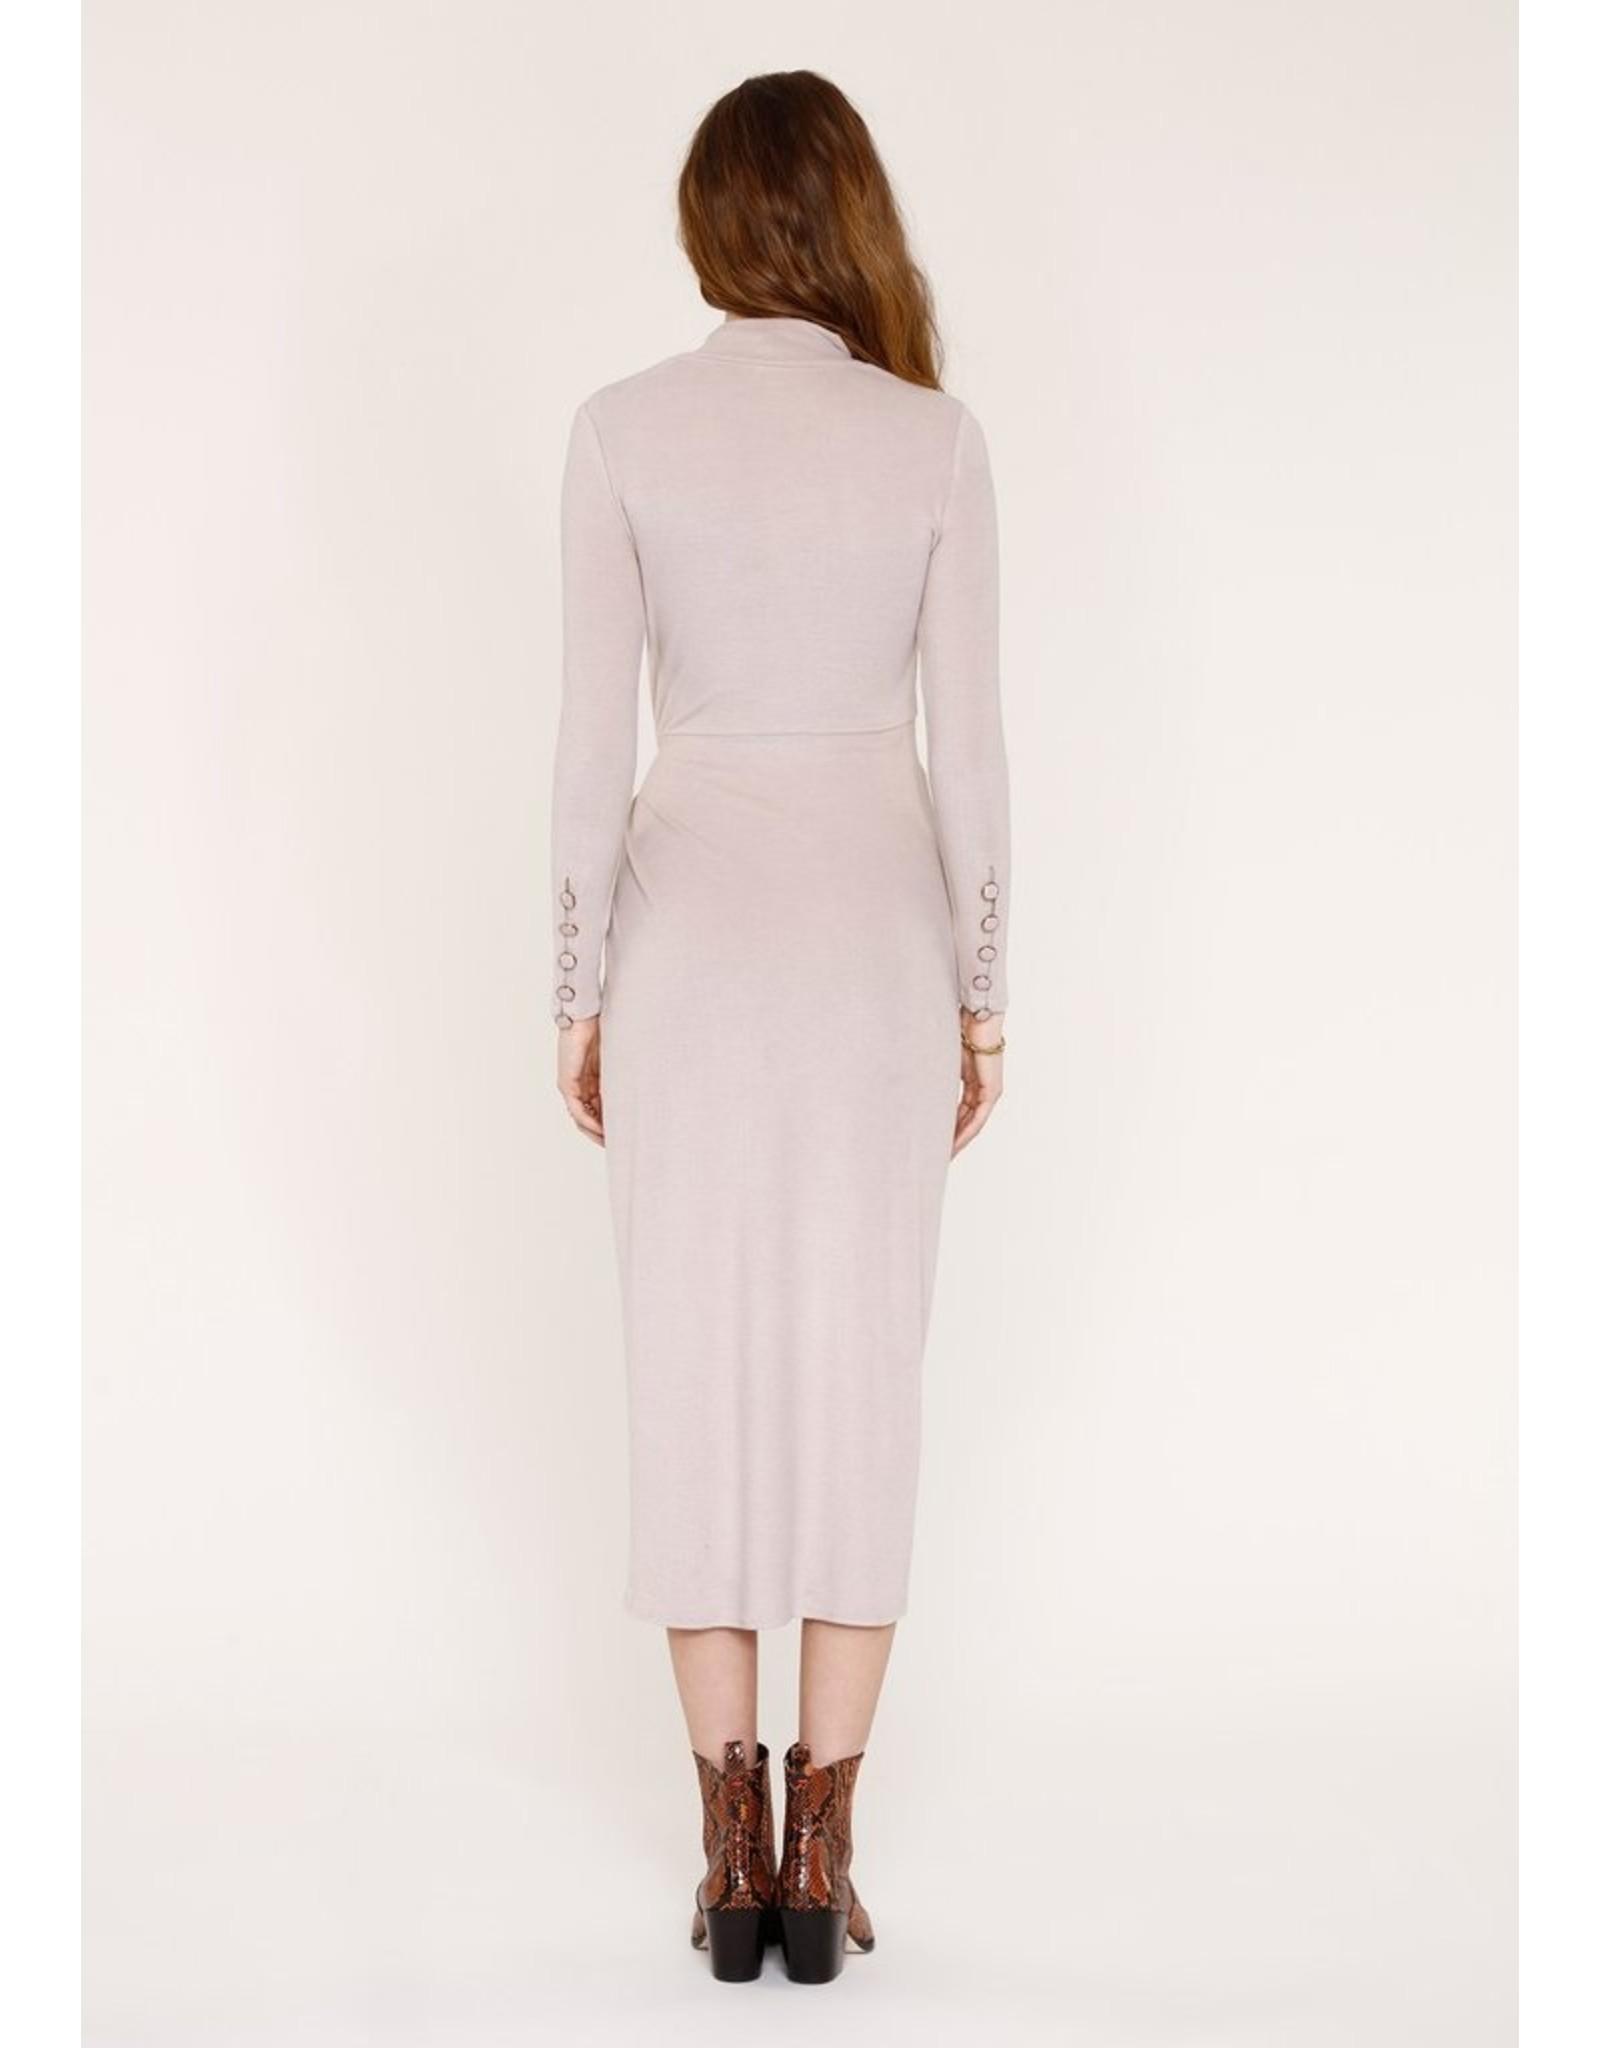 Hattle Dress